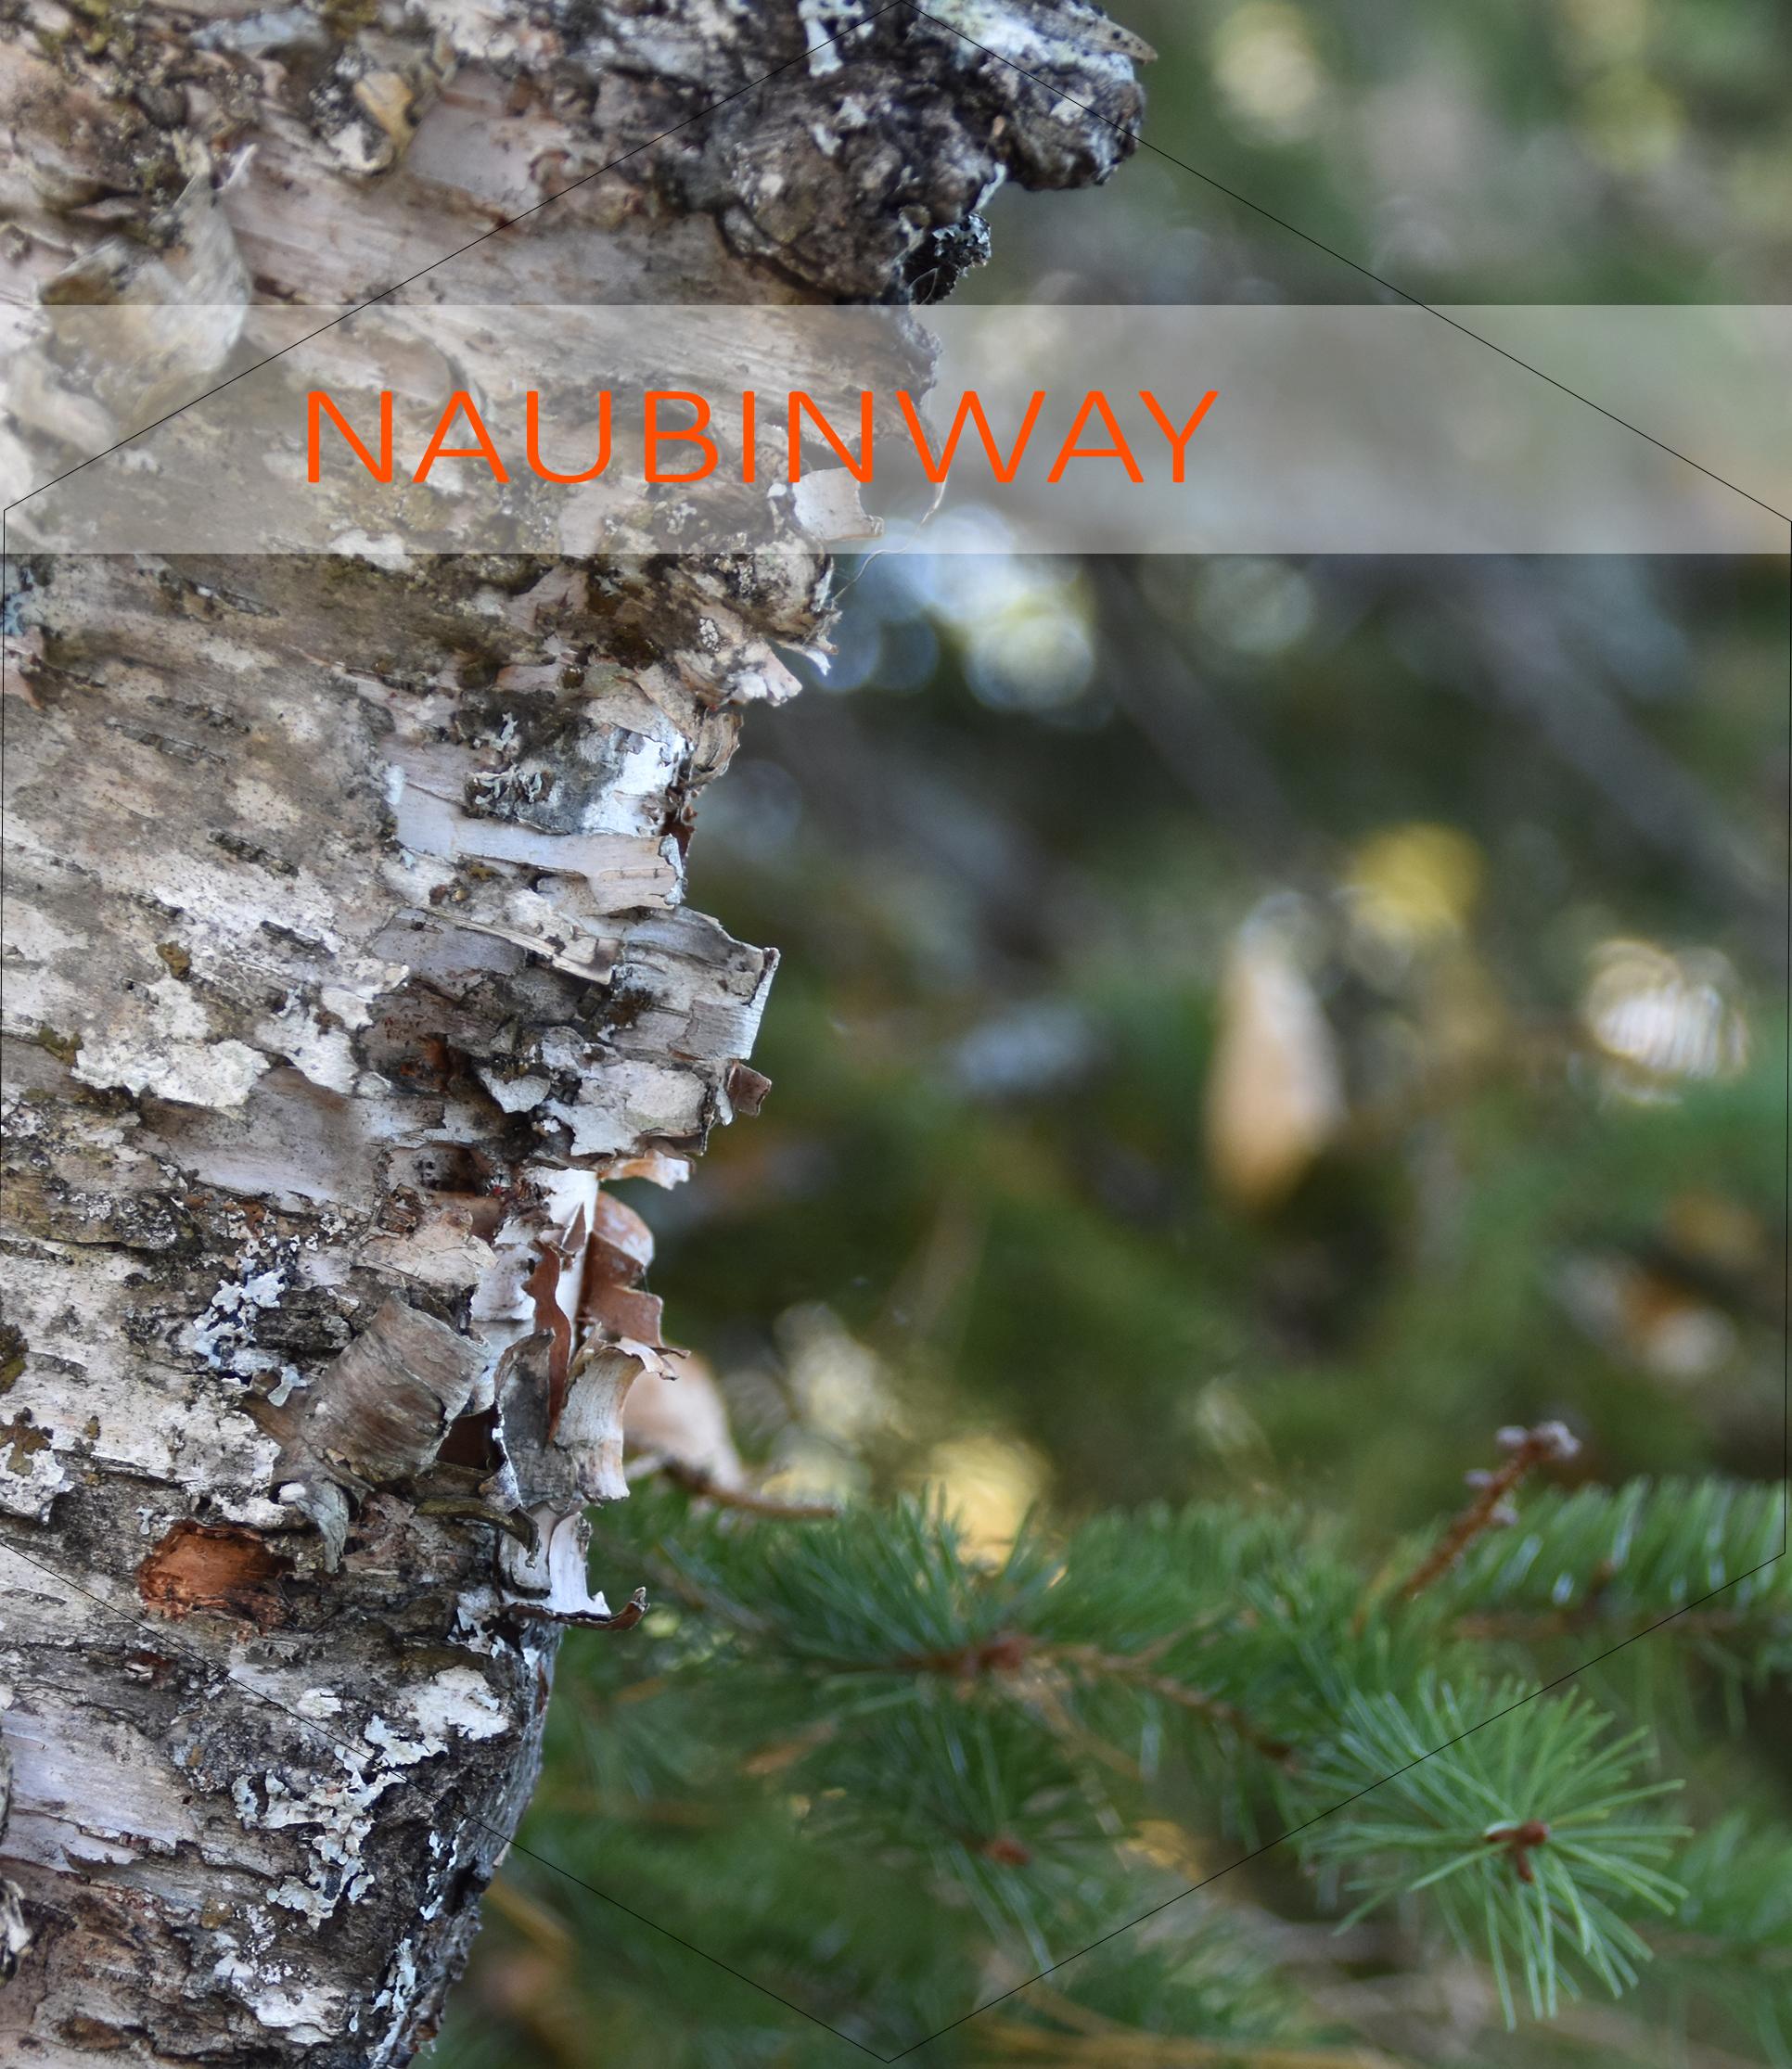 Naubinway 4